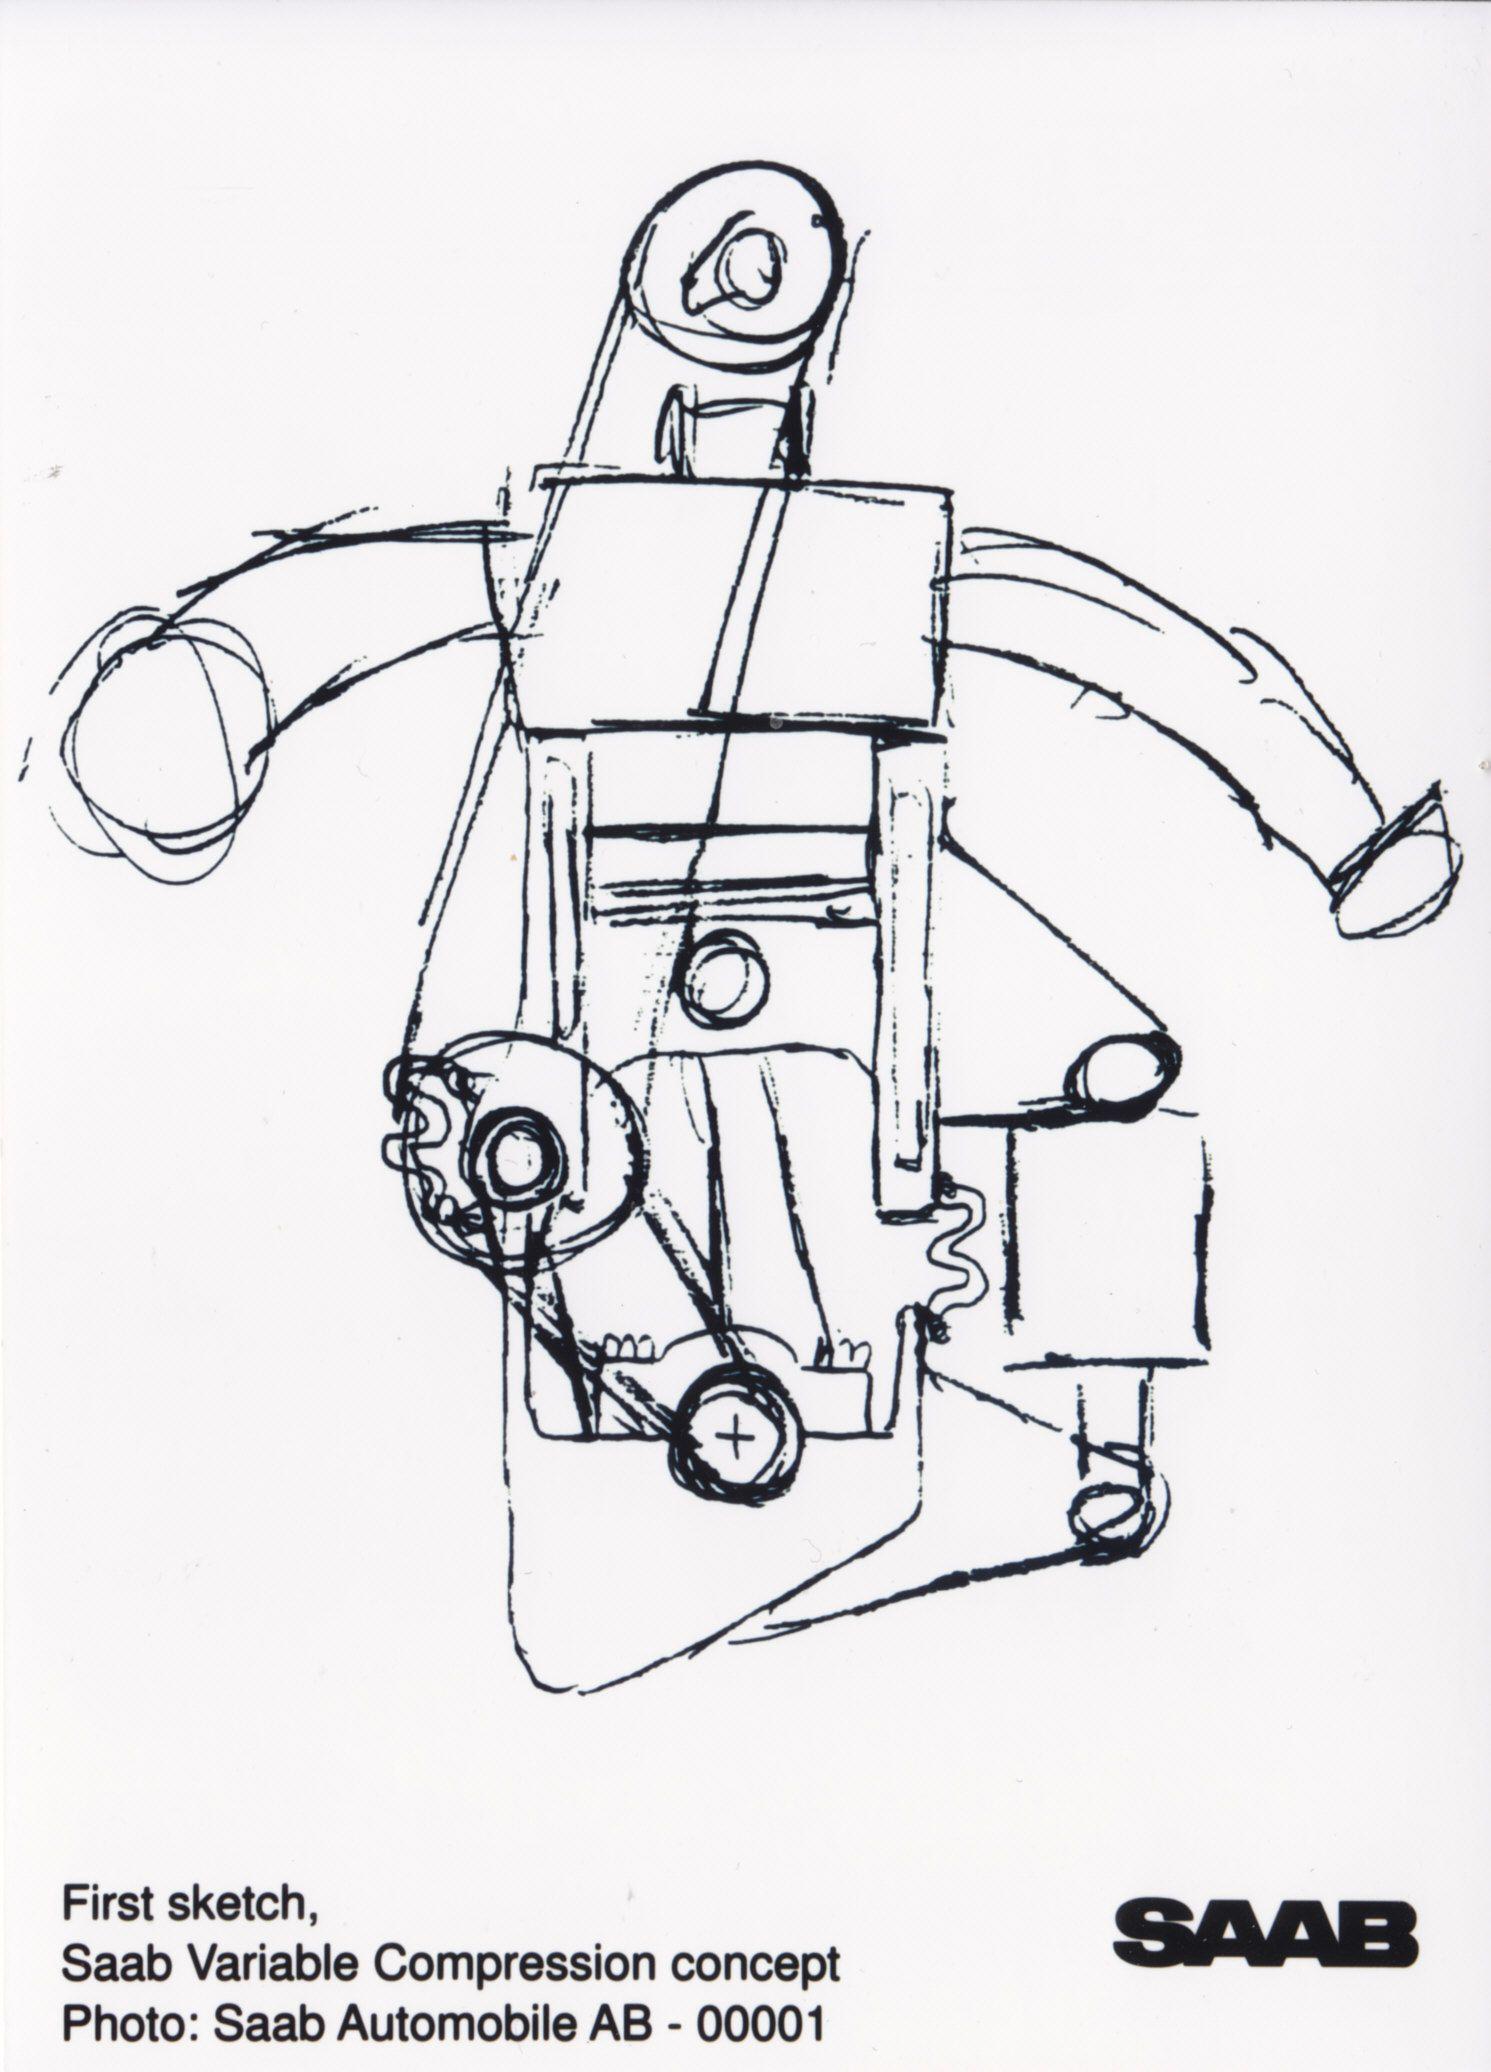 Saab Variable Compression Engine